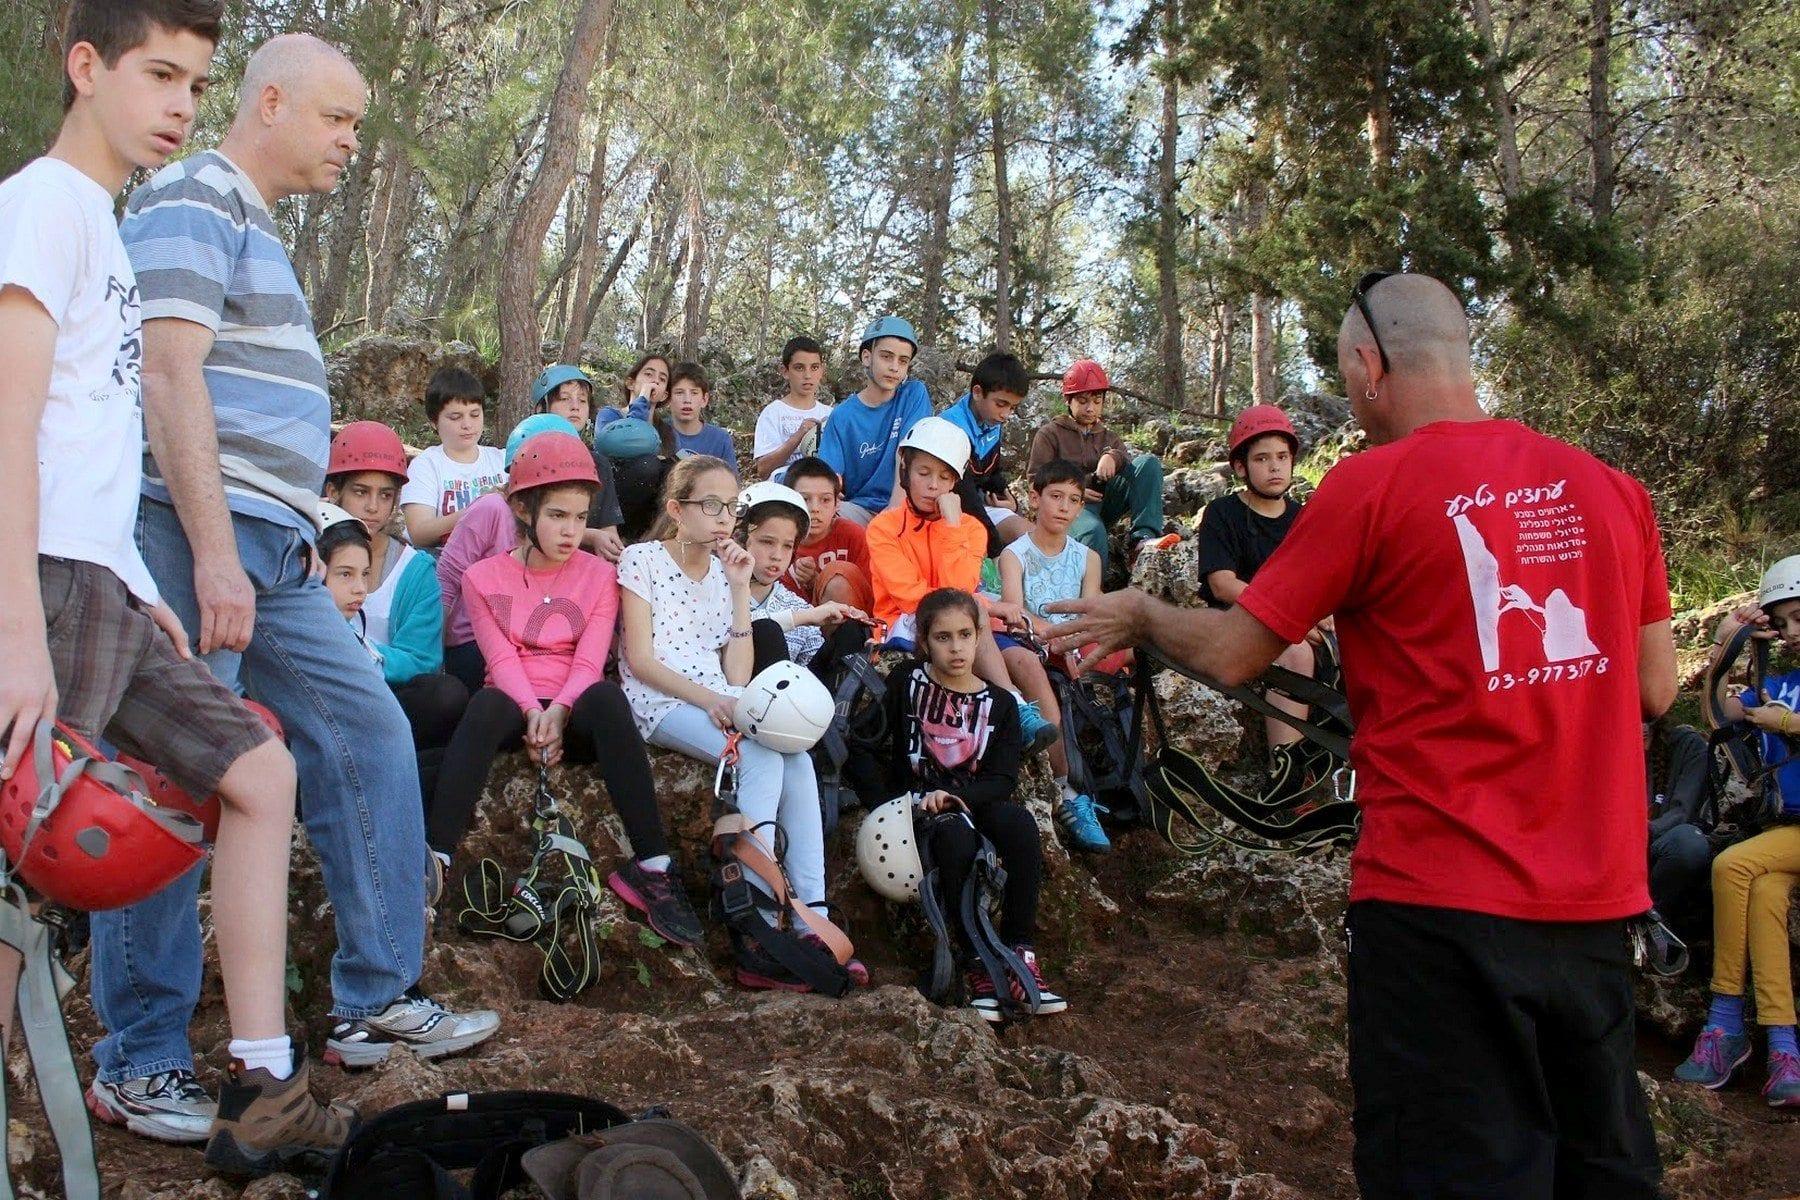 בית ספר - סנפלינג בשילת -  ערוצים בטבע